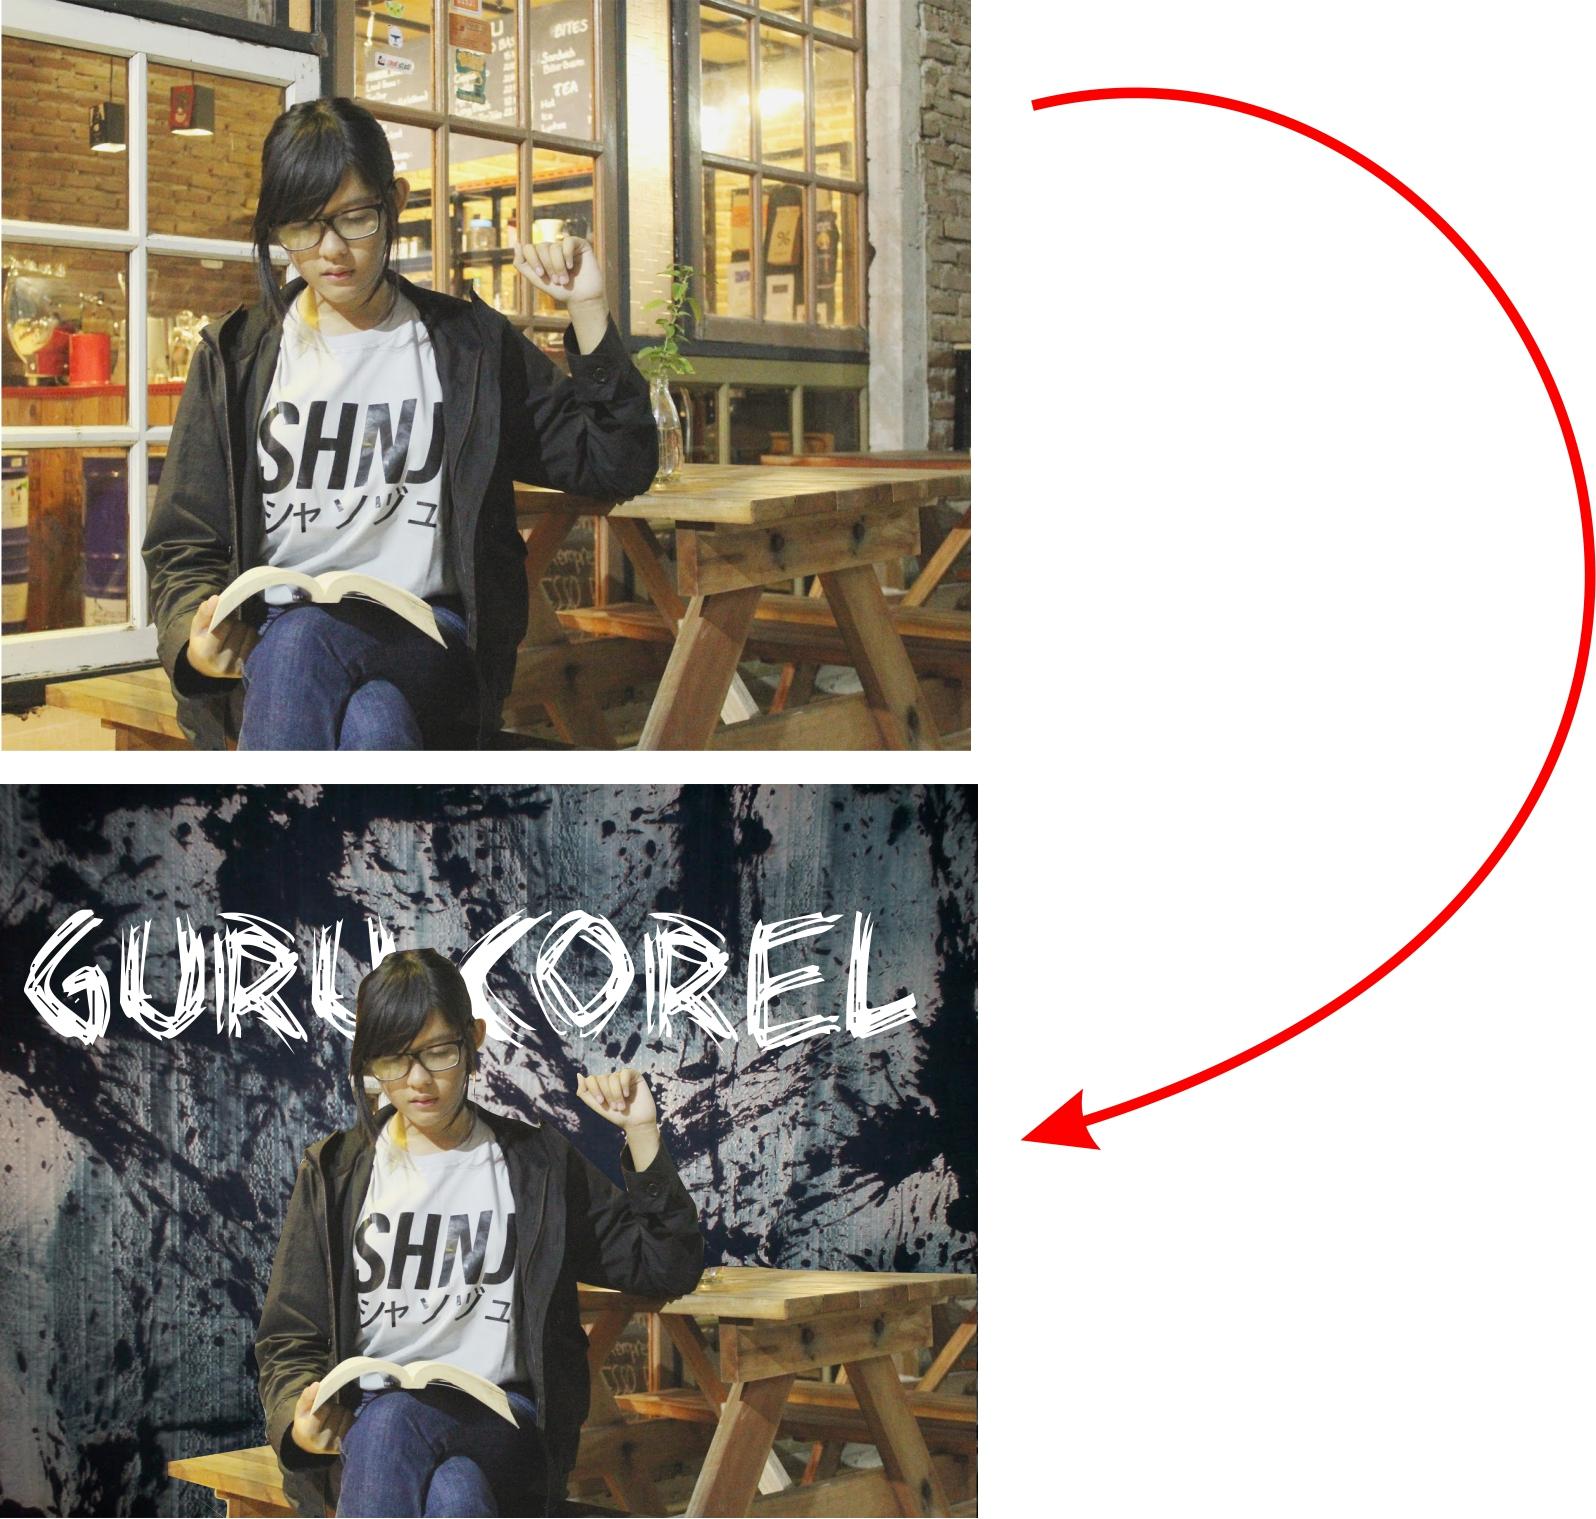 Belajar dasar Corel Draw kembali kali ini kita akan belajar trik sederhana Cara Memotong Objek Gambar Foto Di Corel Draw x3 x4 x5 x6 x7 x8